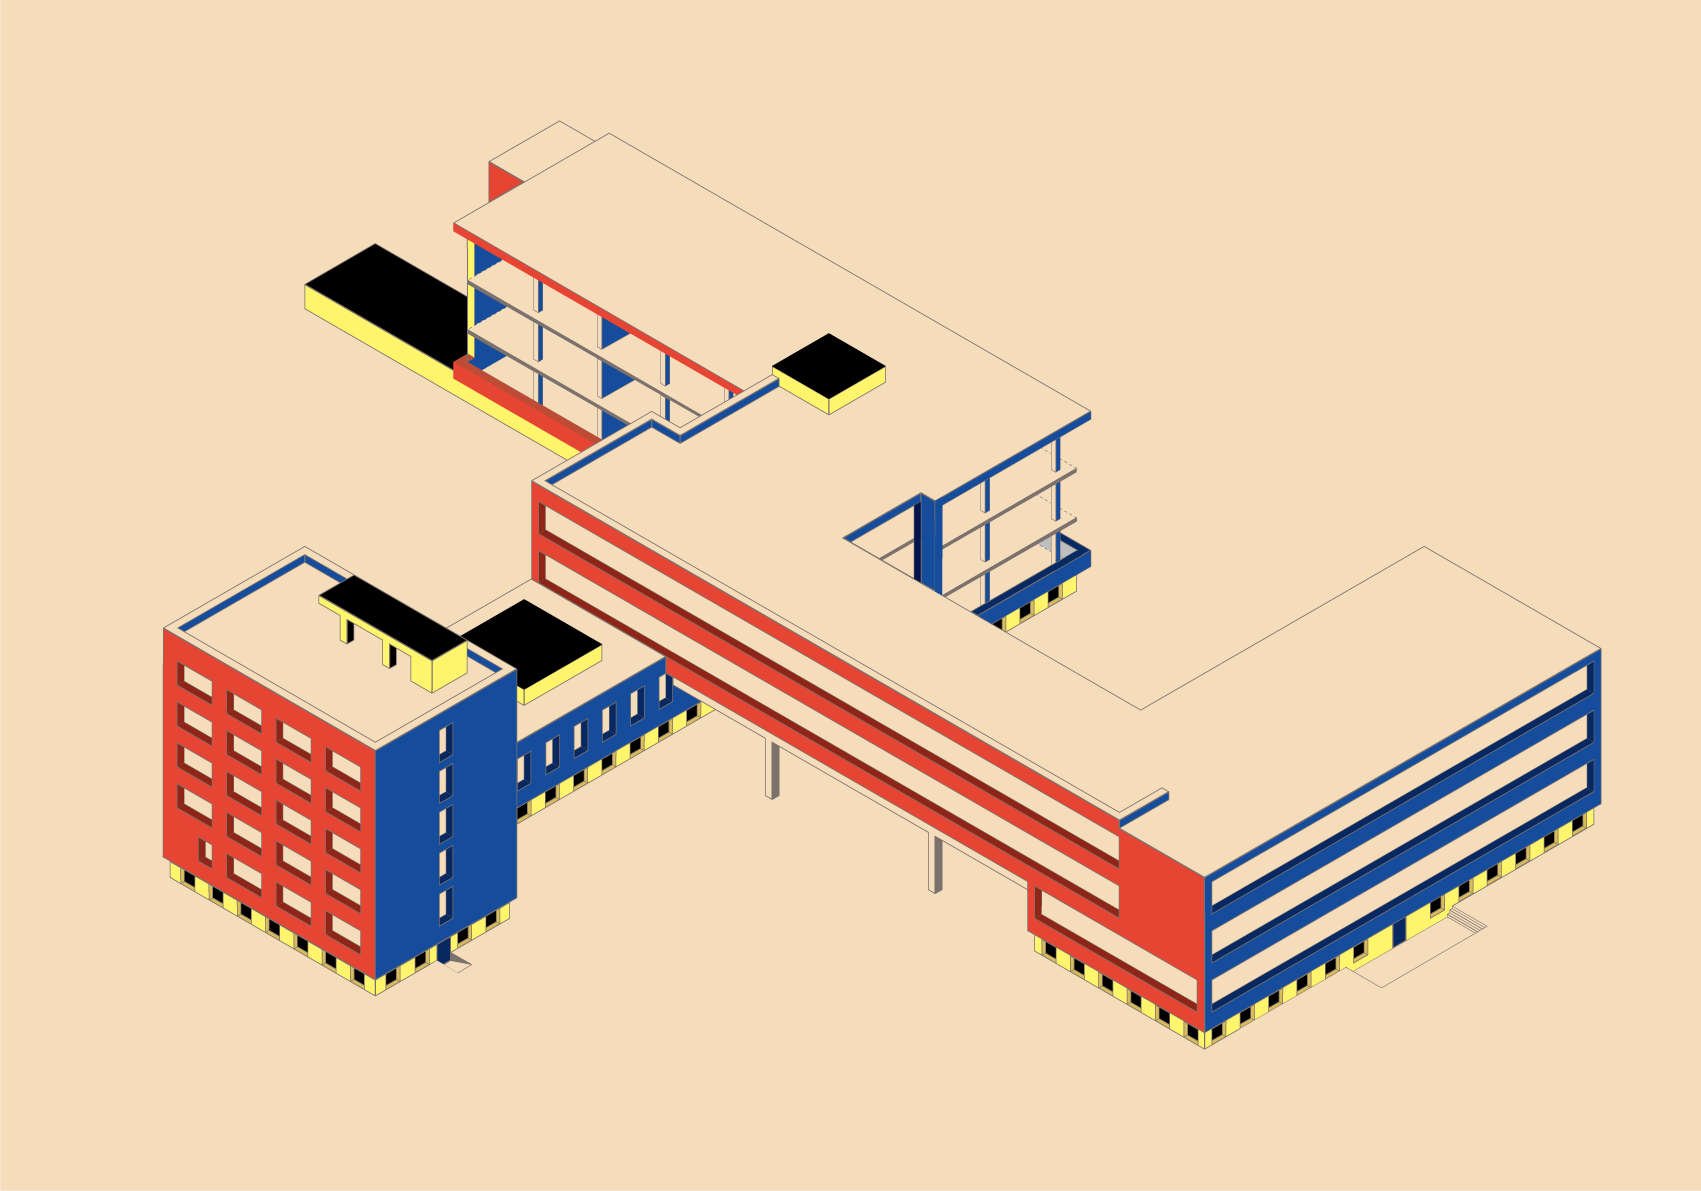 isobauhausalmostfinal.png 1,701×1,191 pixels Bauhaus